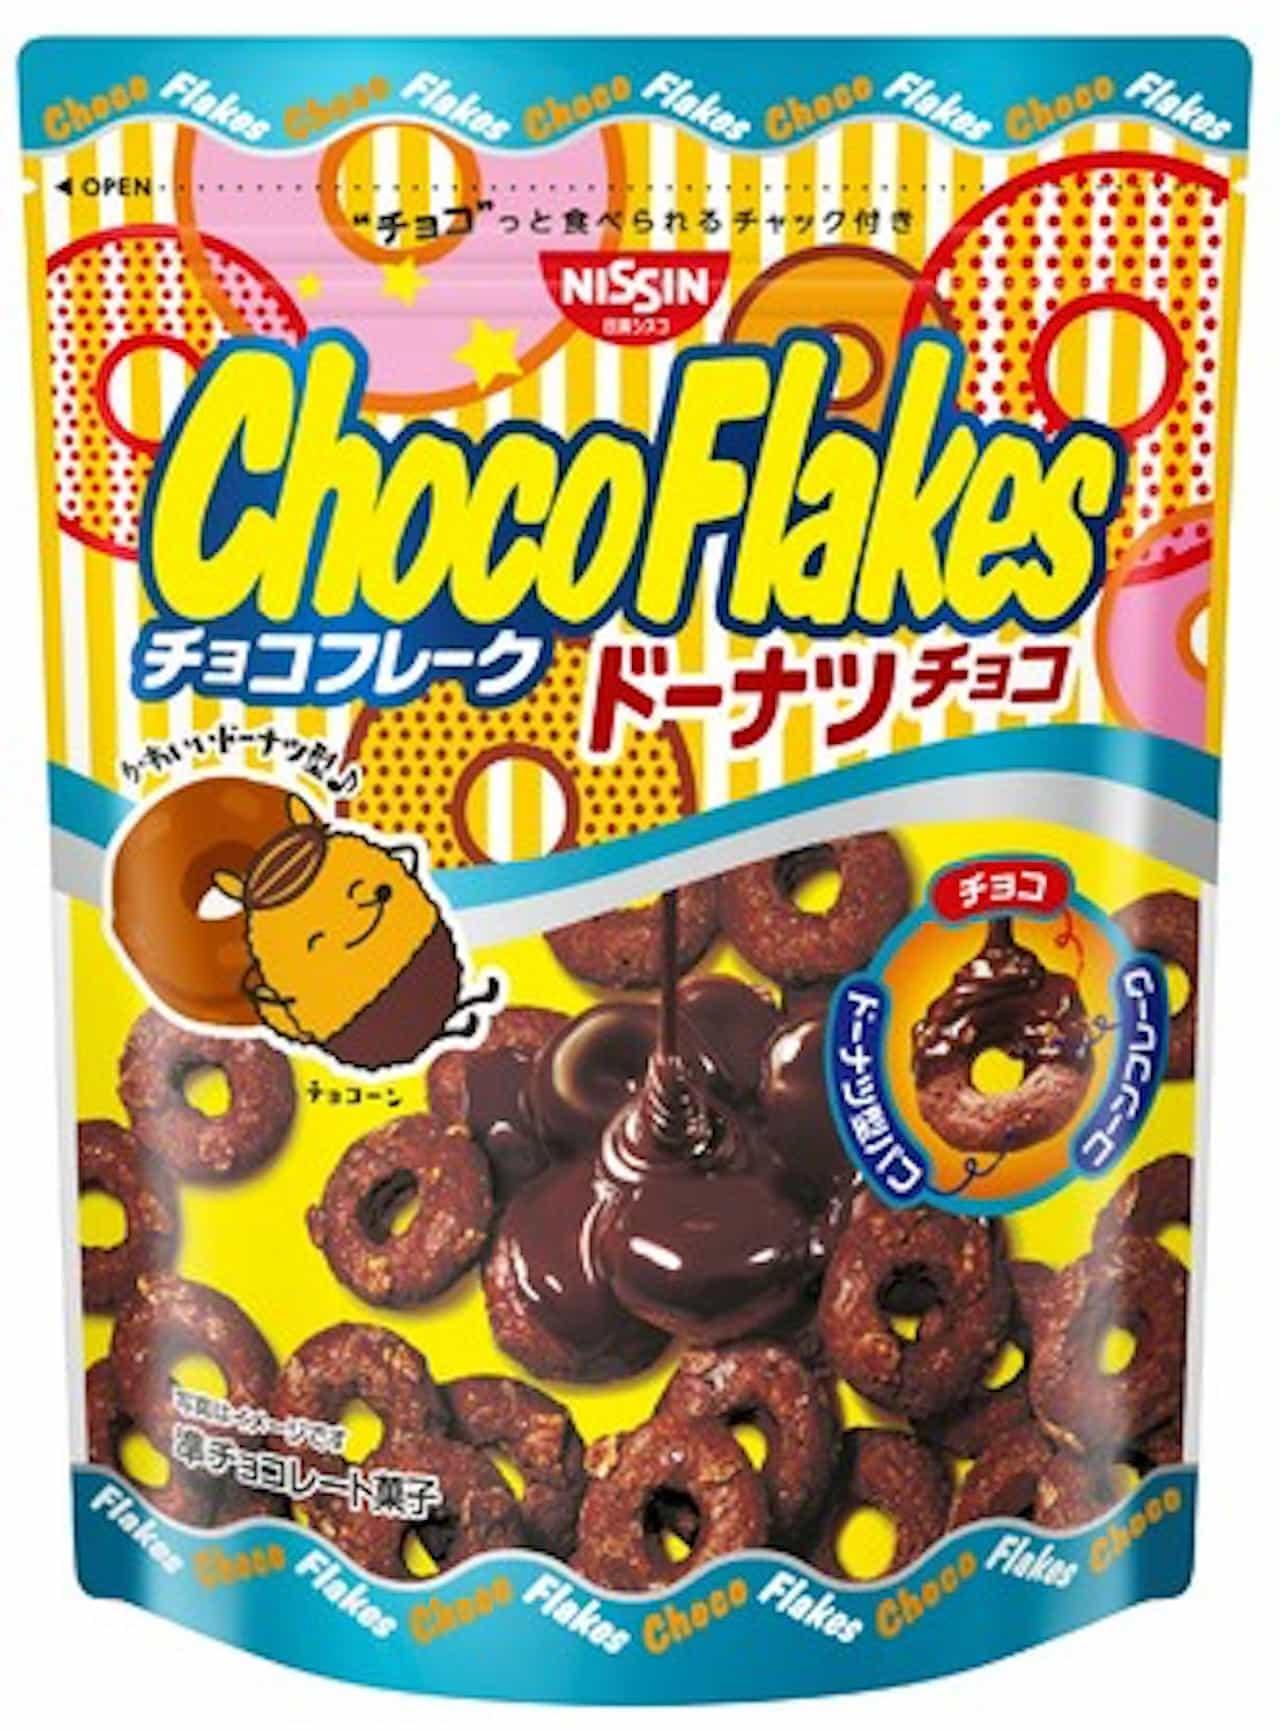 日清シスコ「チョコフレーク ドーナツチョコ」